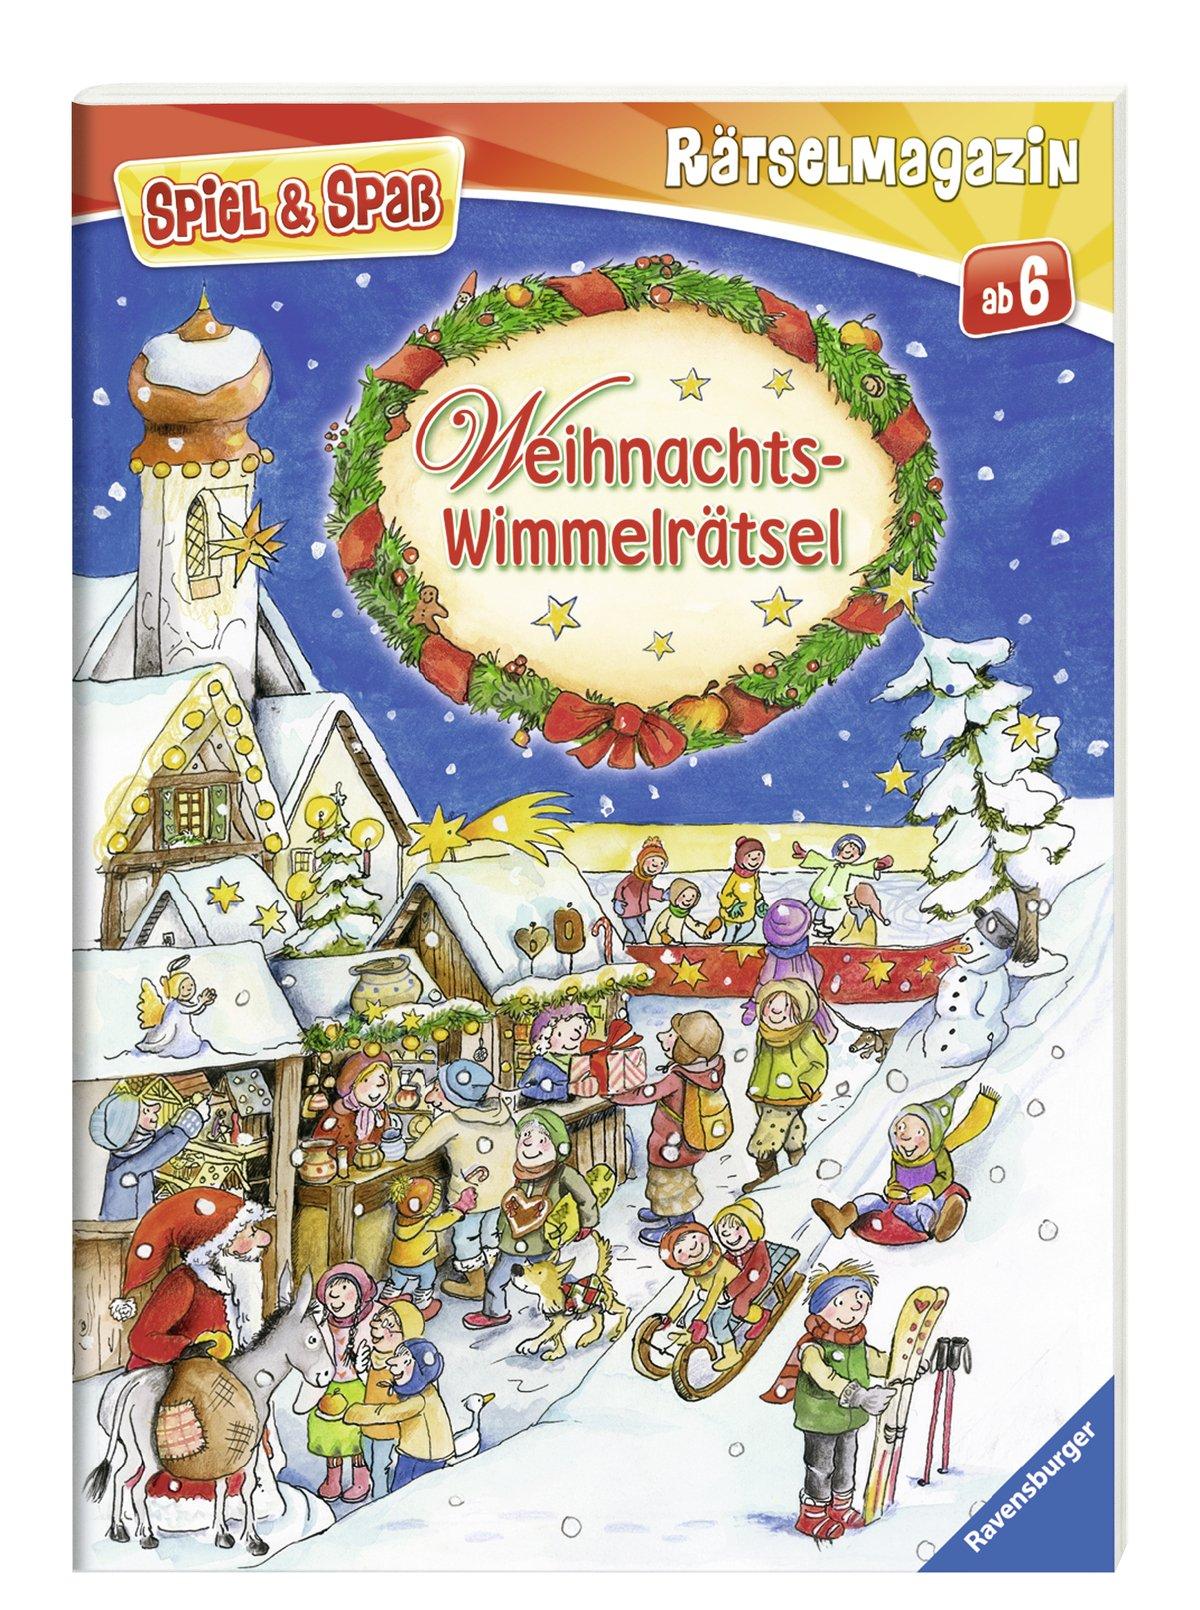 Weihnachts-Wimmelrätsel Spiel & Spaß - Rätselmagazin: Amazon.de ...